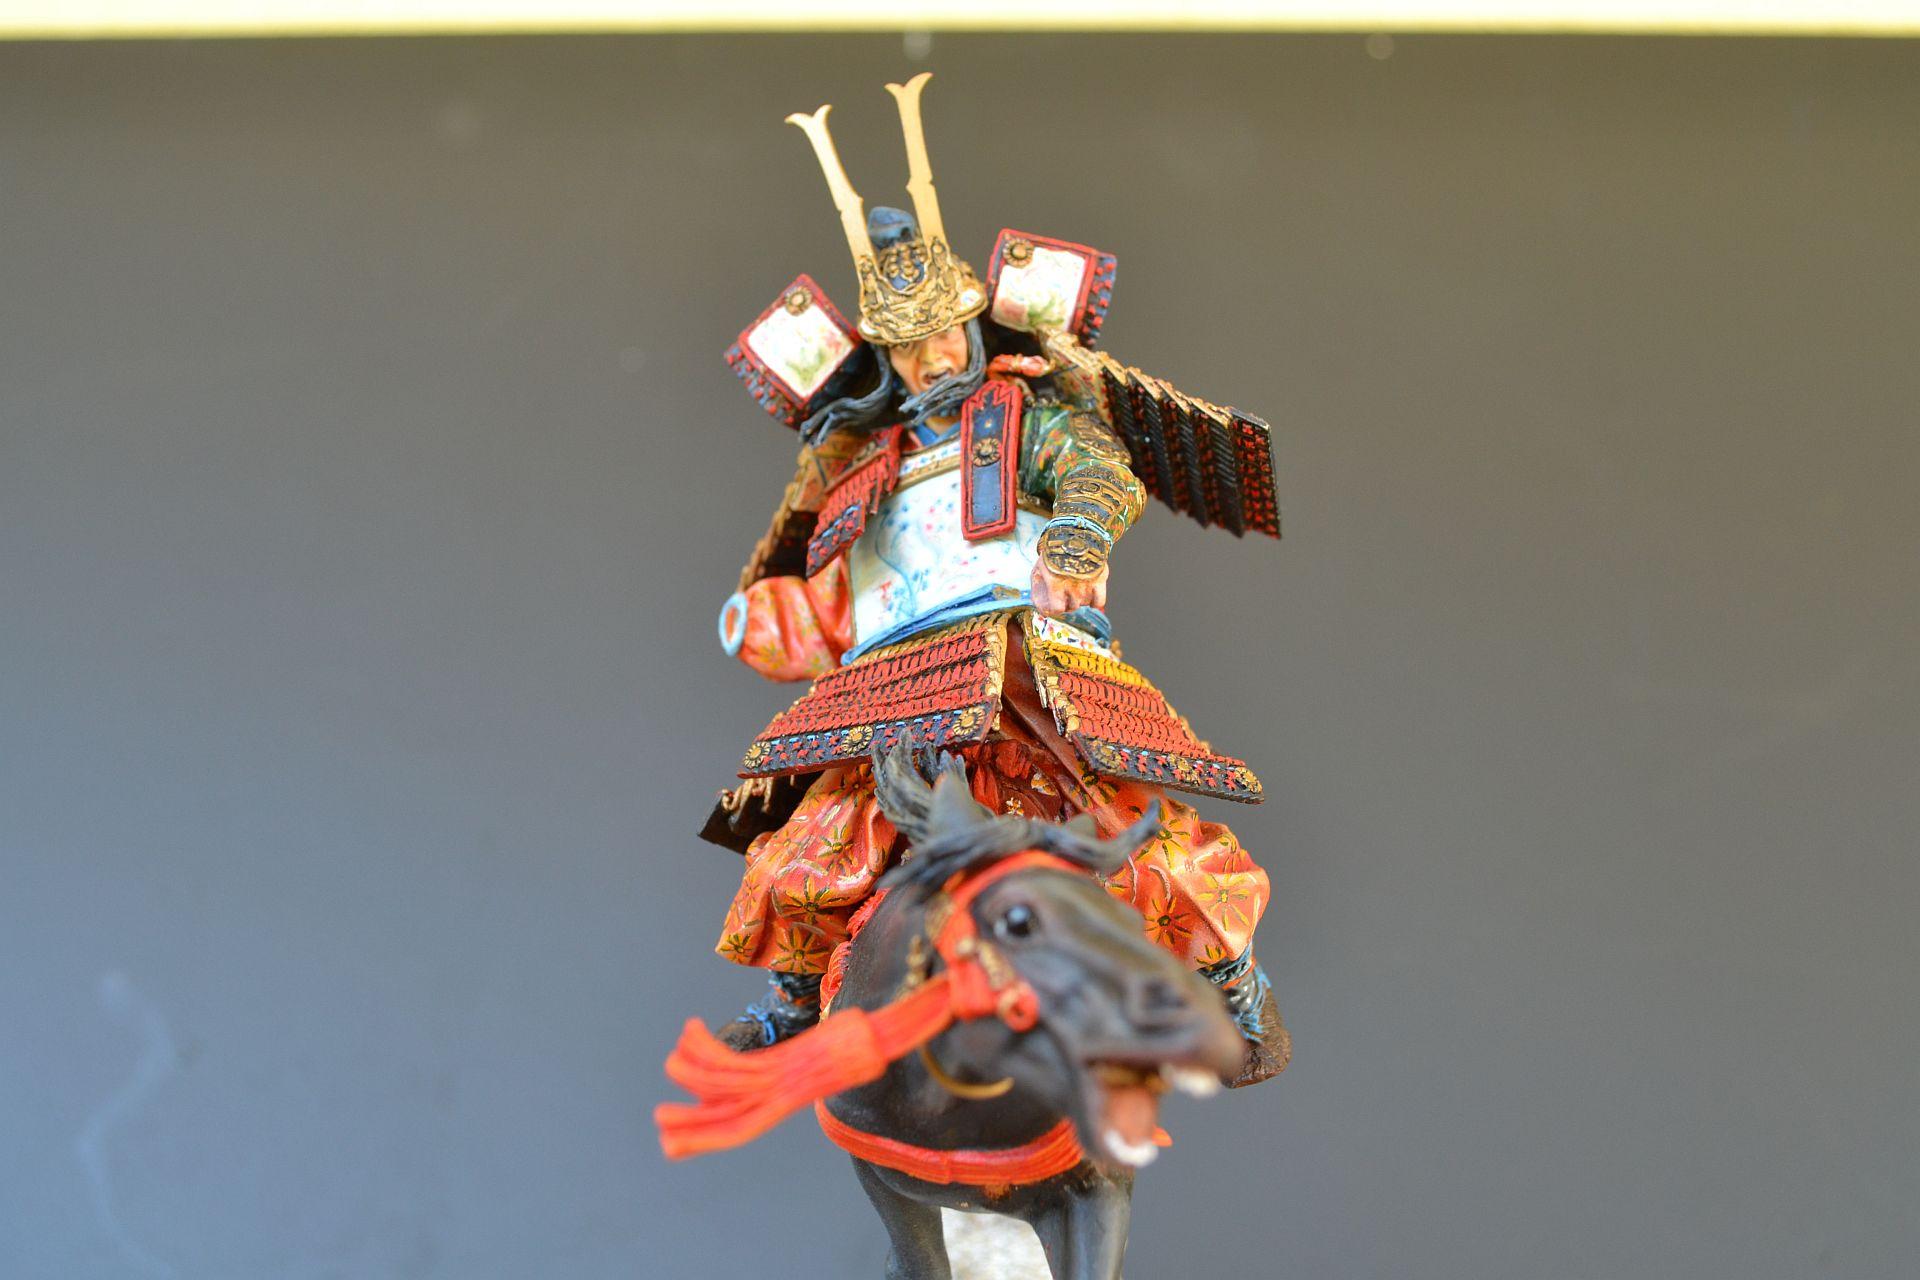 figurine pegaso - samouraï 90 mm - Page 3 160807053844419123